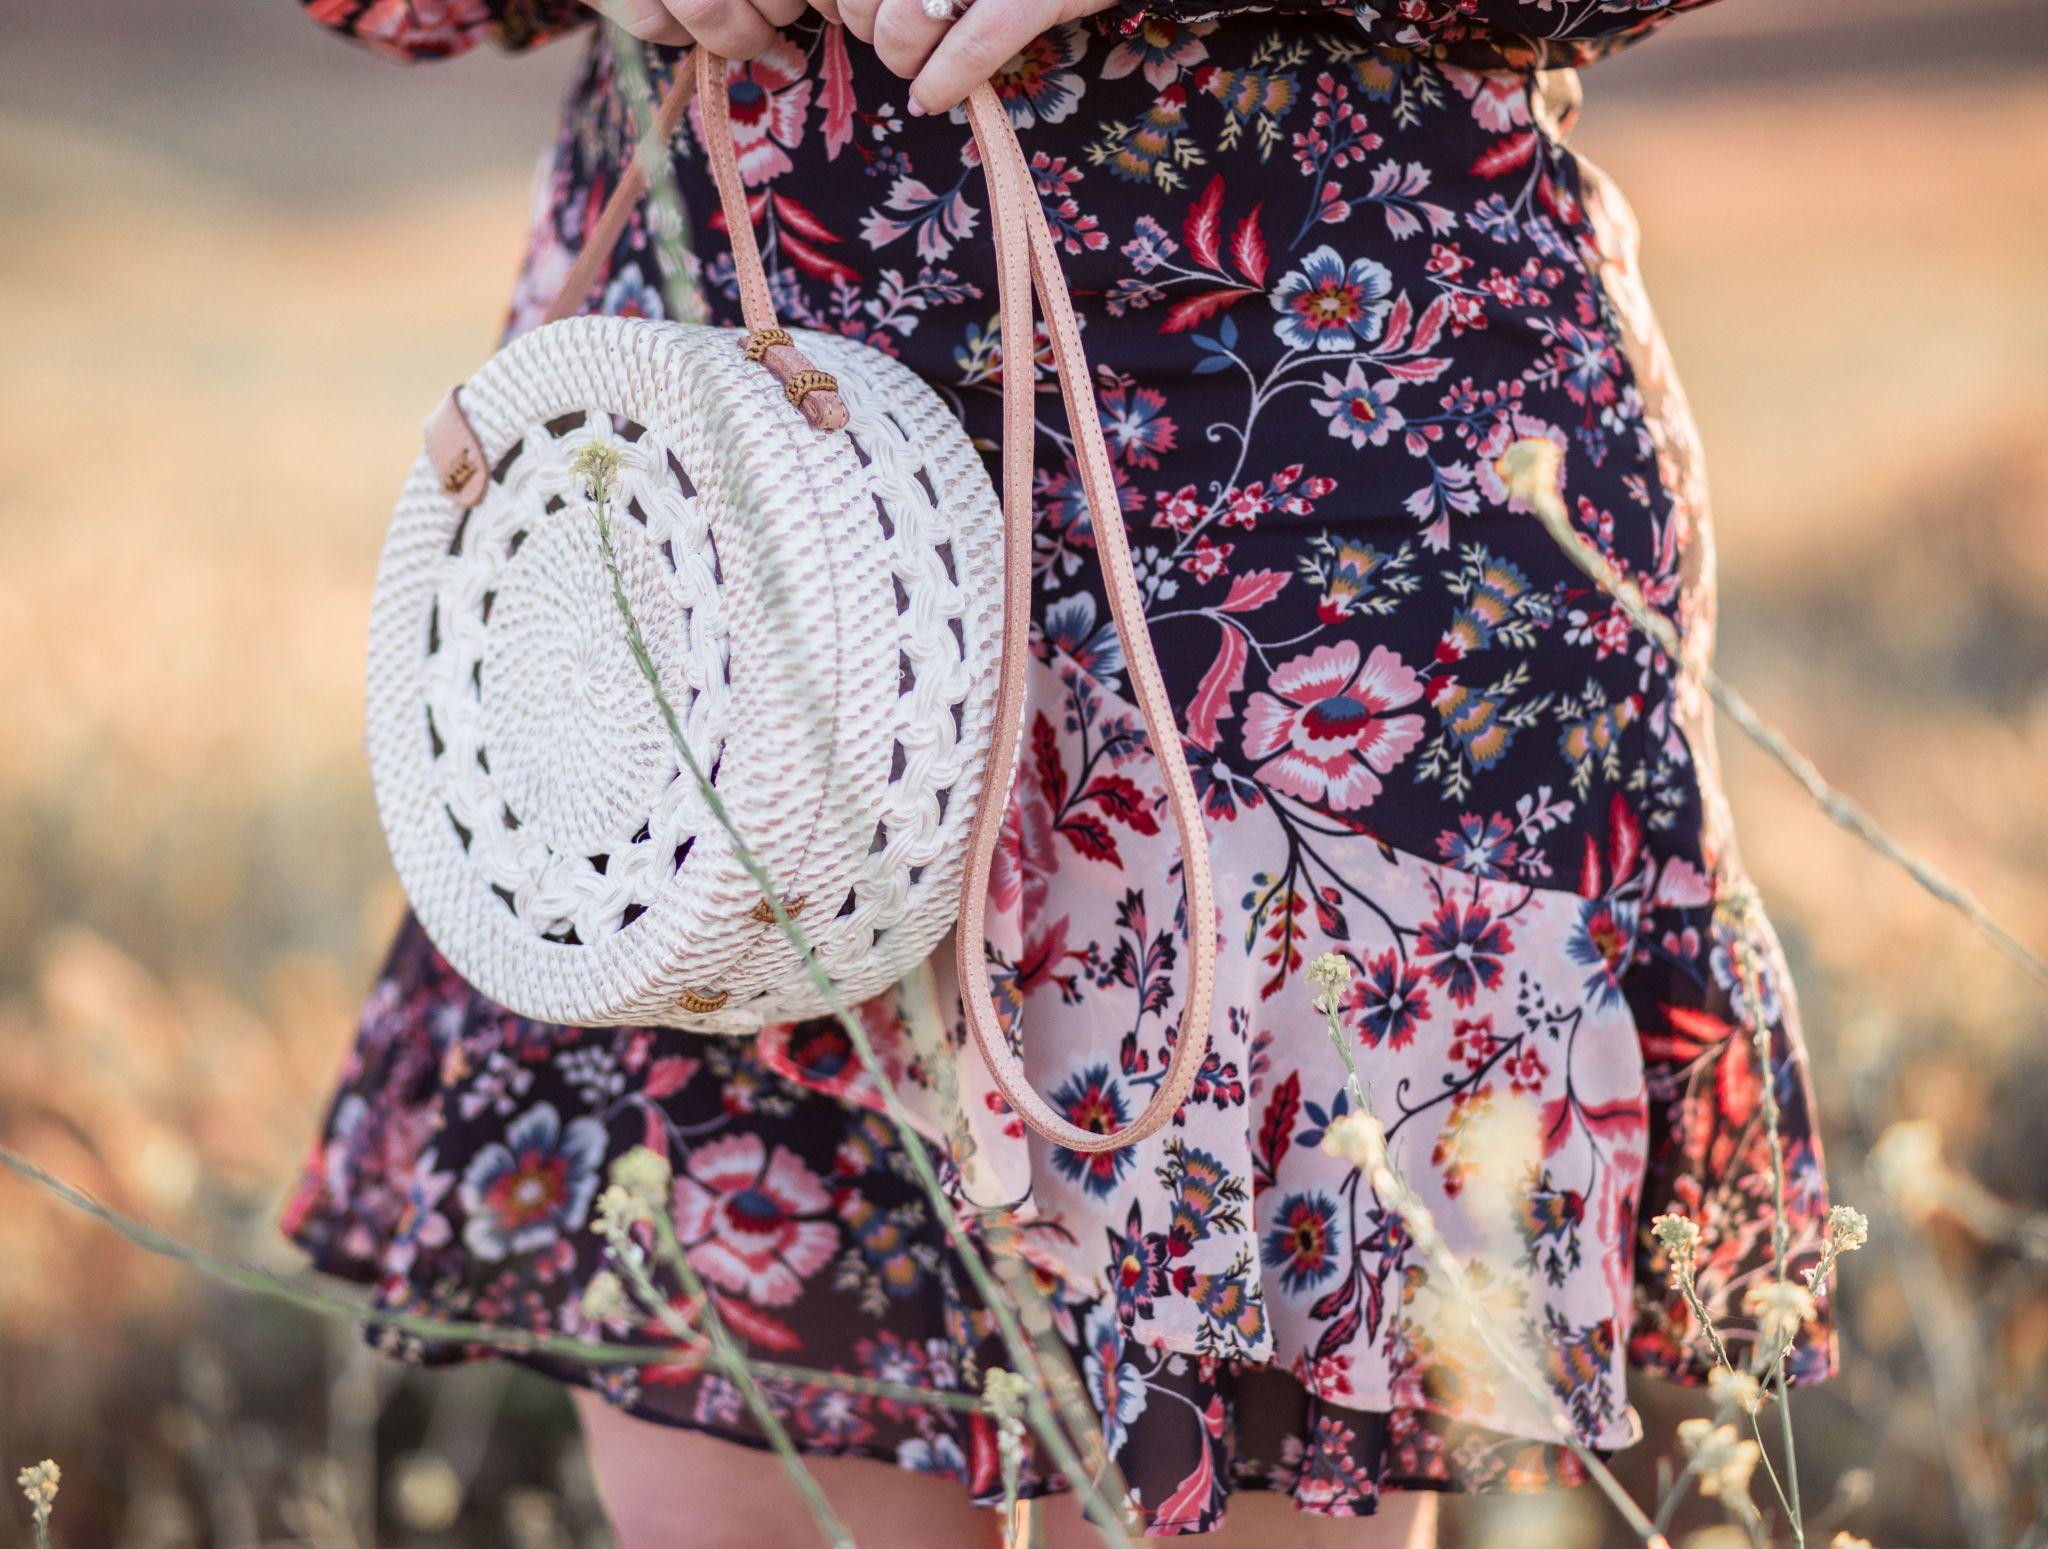 woven boho handbag